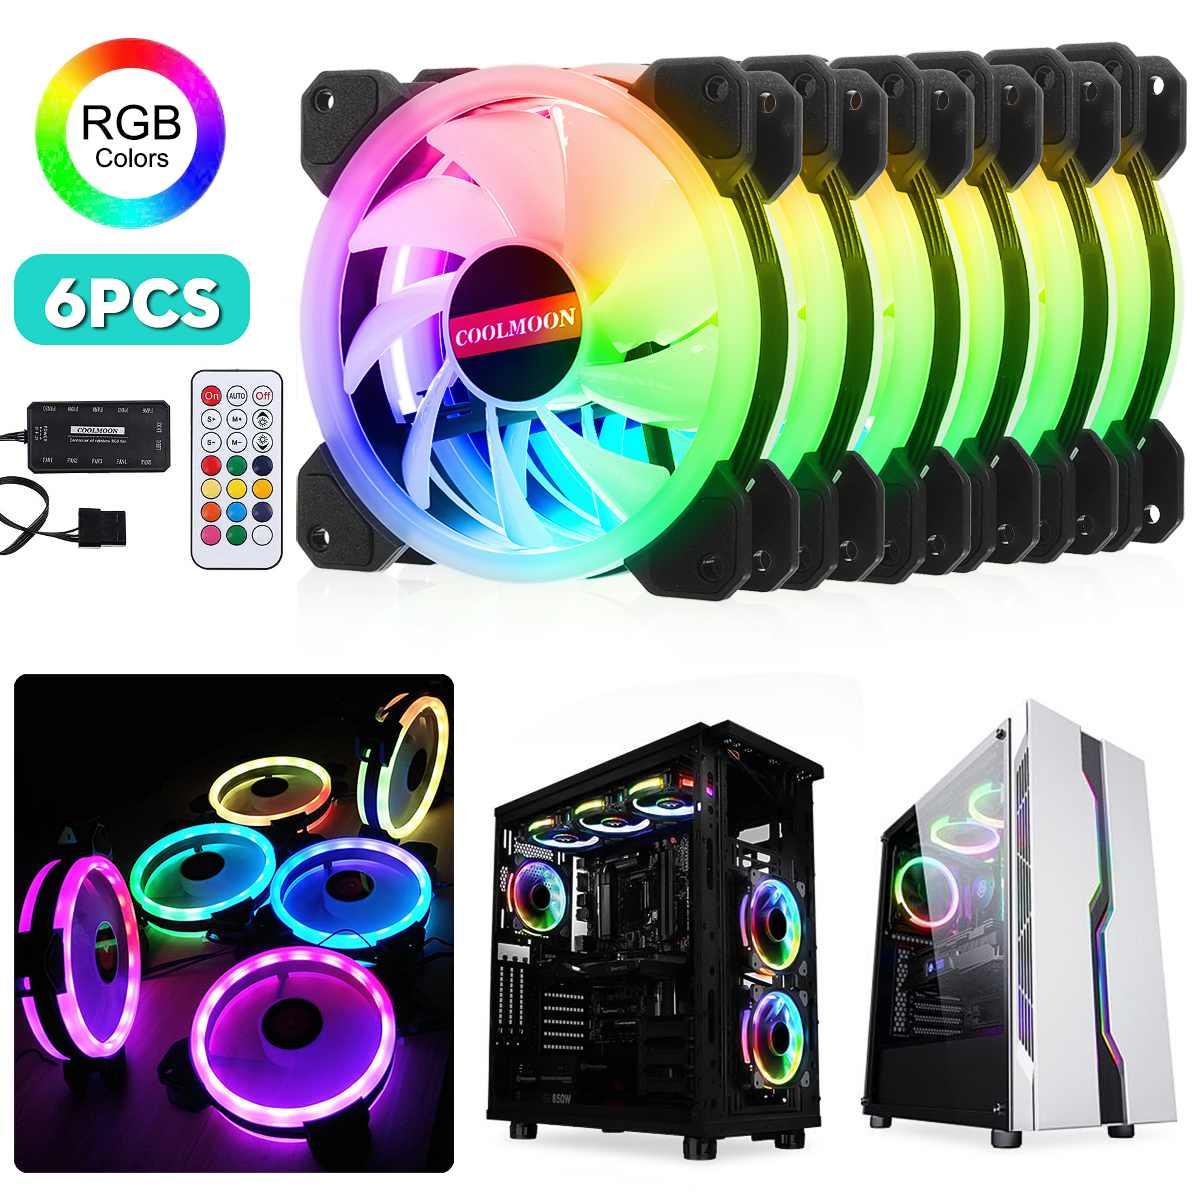 6 pièces coque d'ordinateur PC ventilateur de refroidissement RGB ventilateur de refroidissement ajuster LED 120mm silencieux IR à distance ordinateur refroidisseur refroidissement RGB boîtier ventilateur pour CPU - 3